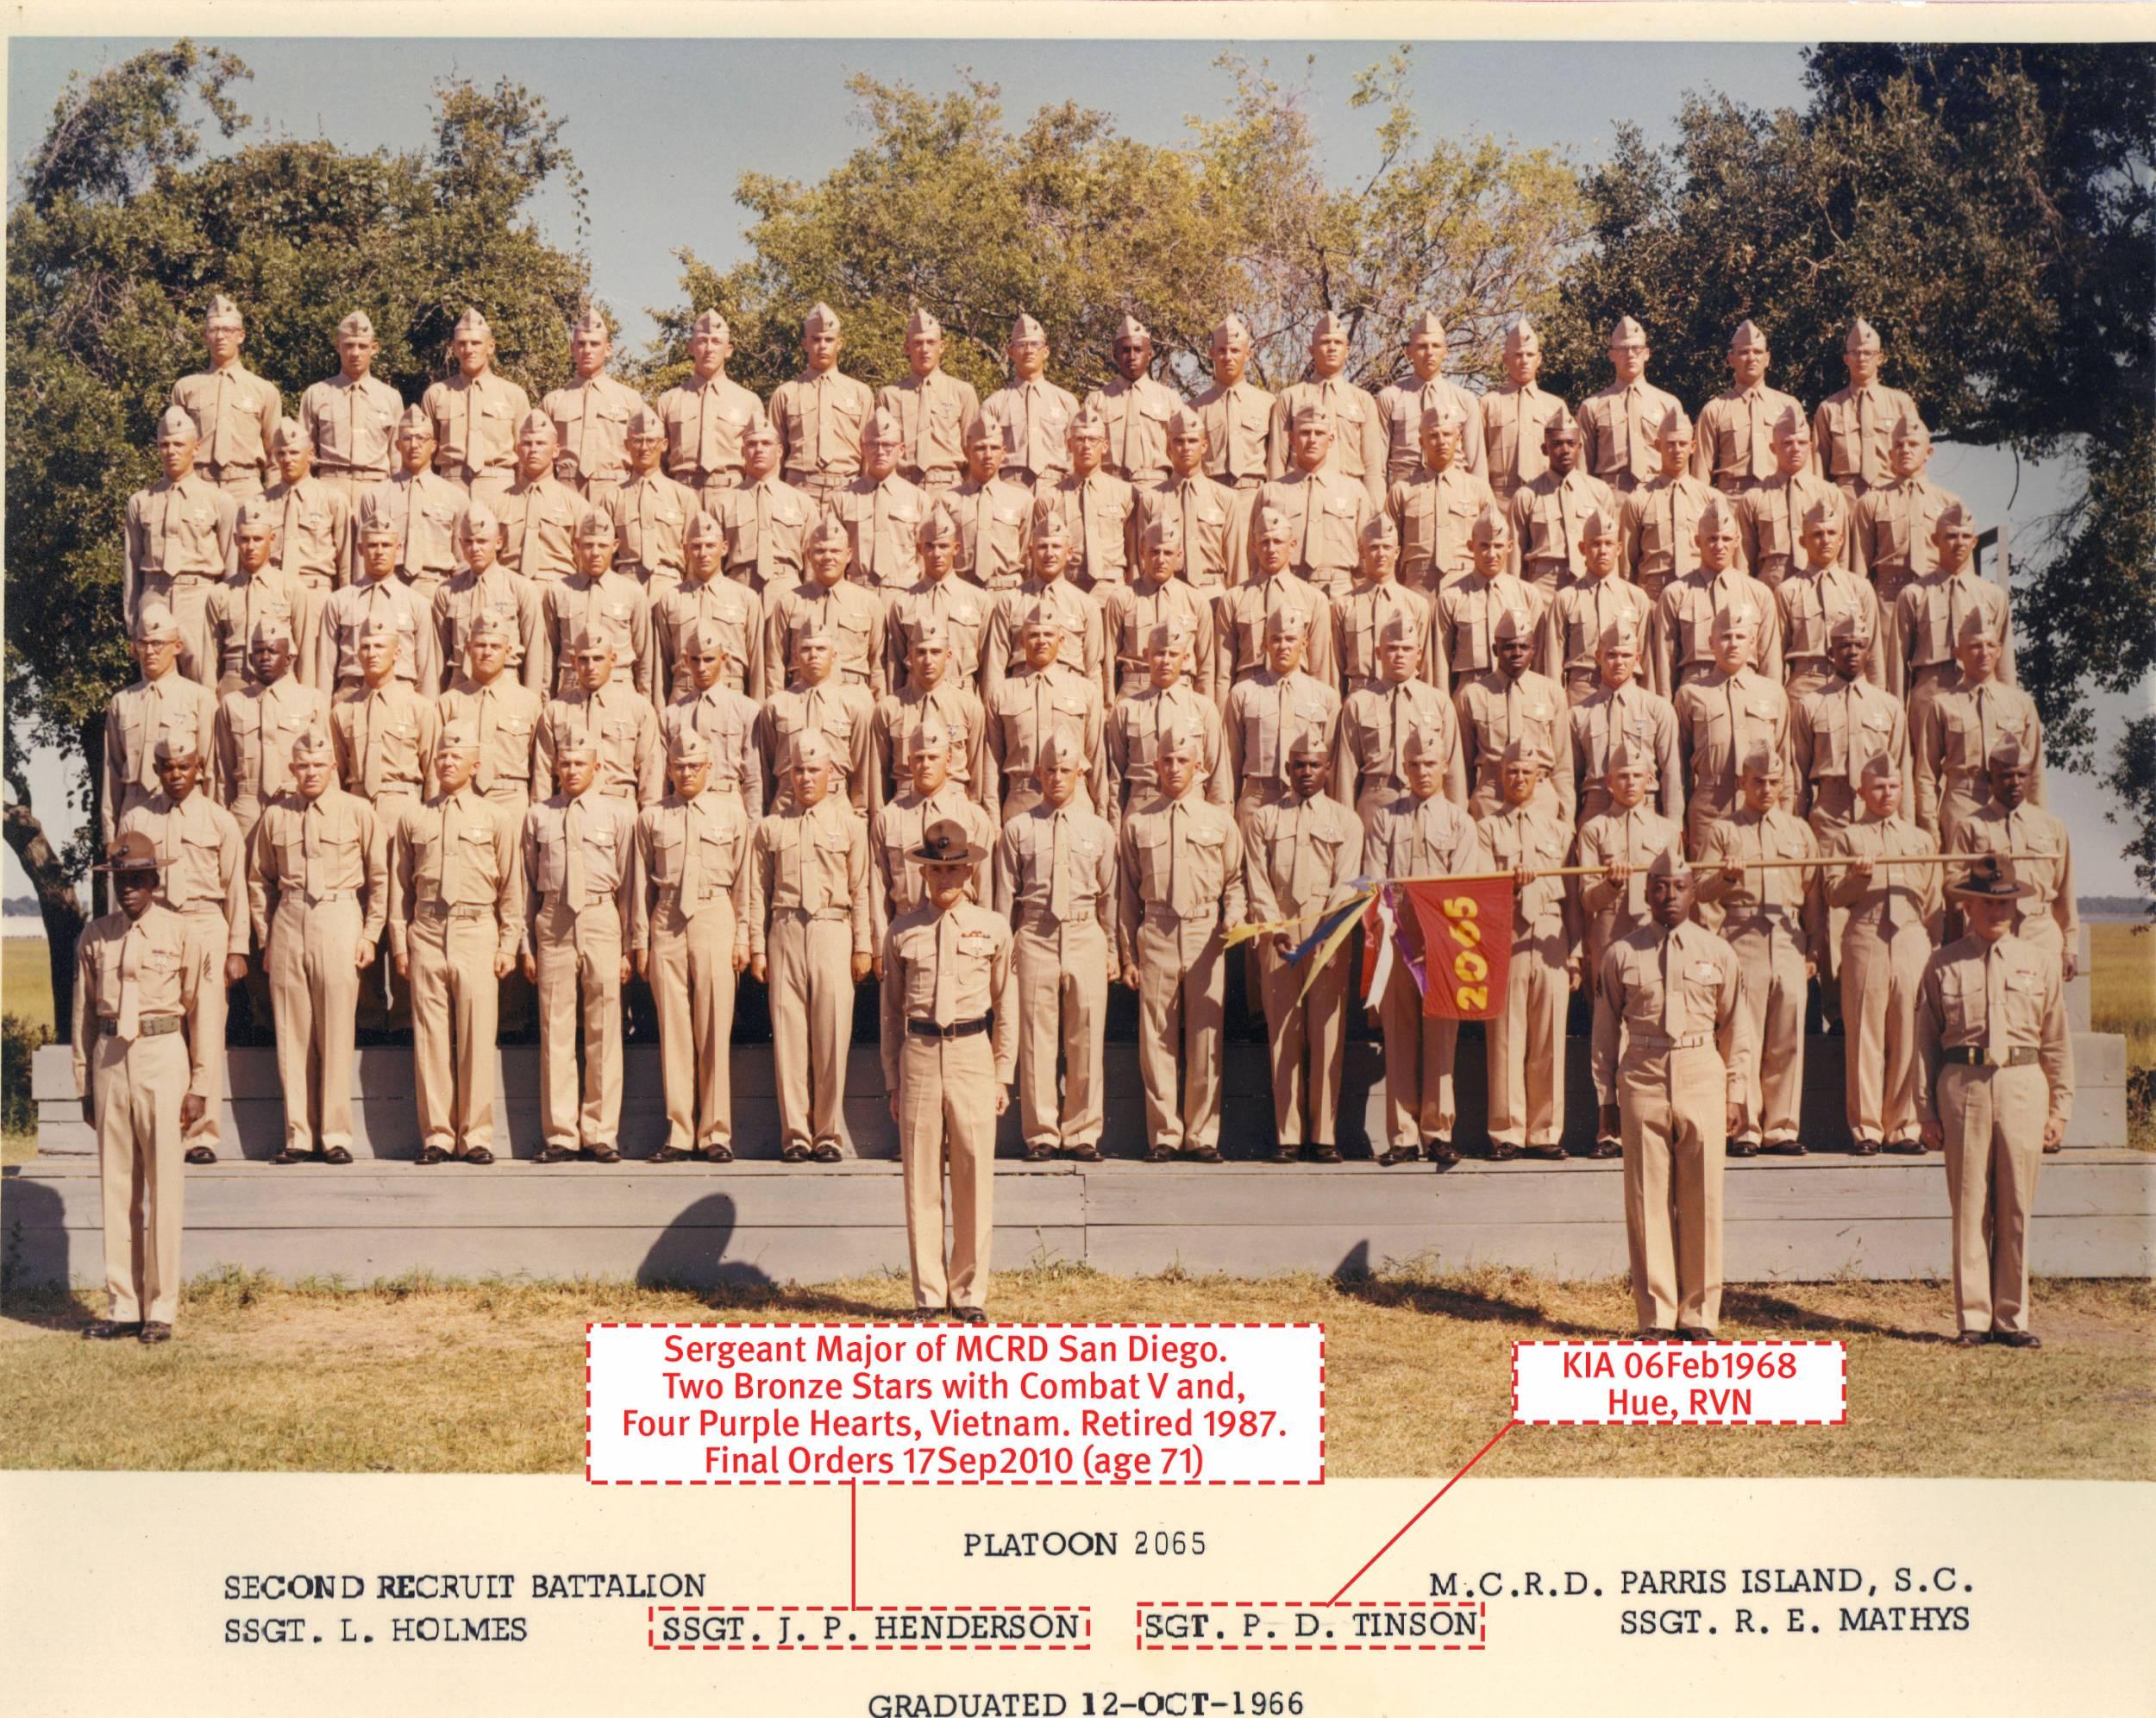 Platoon-20651